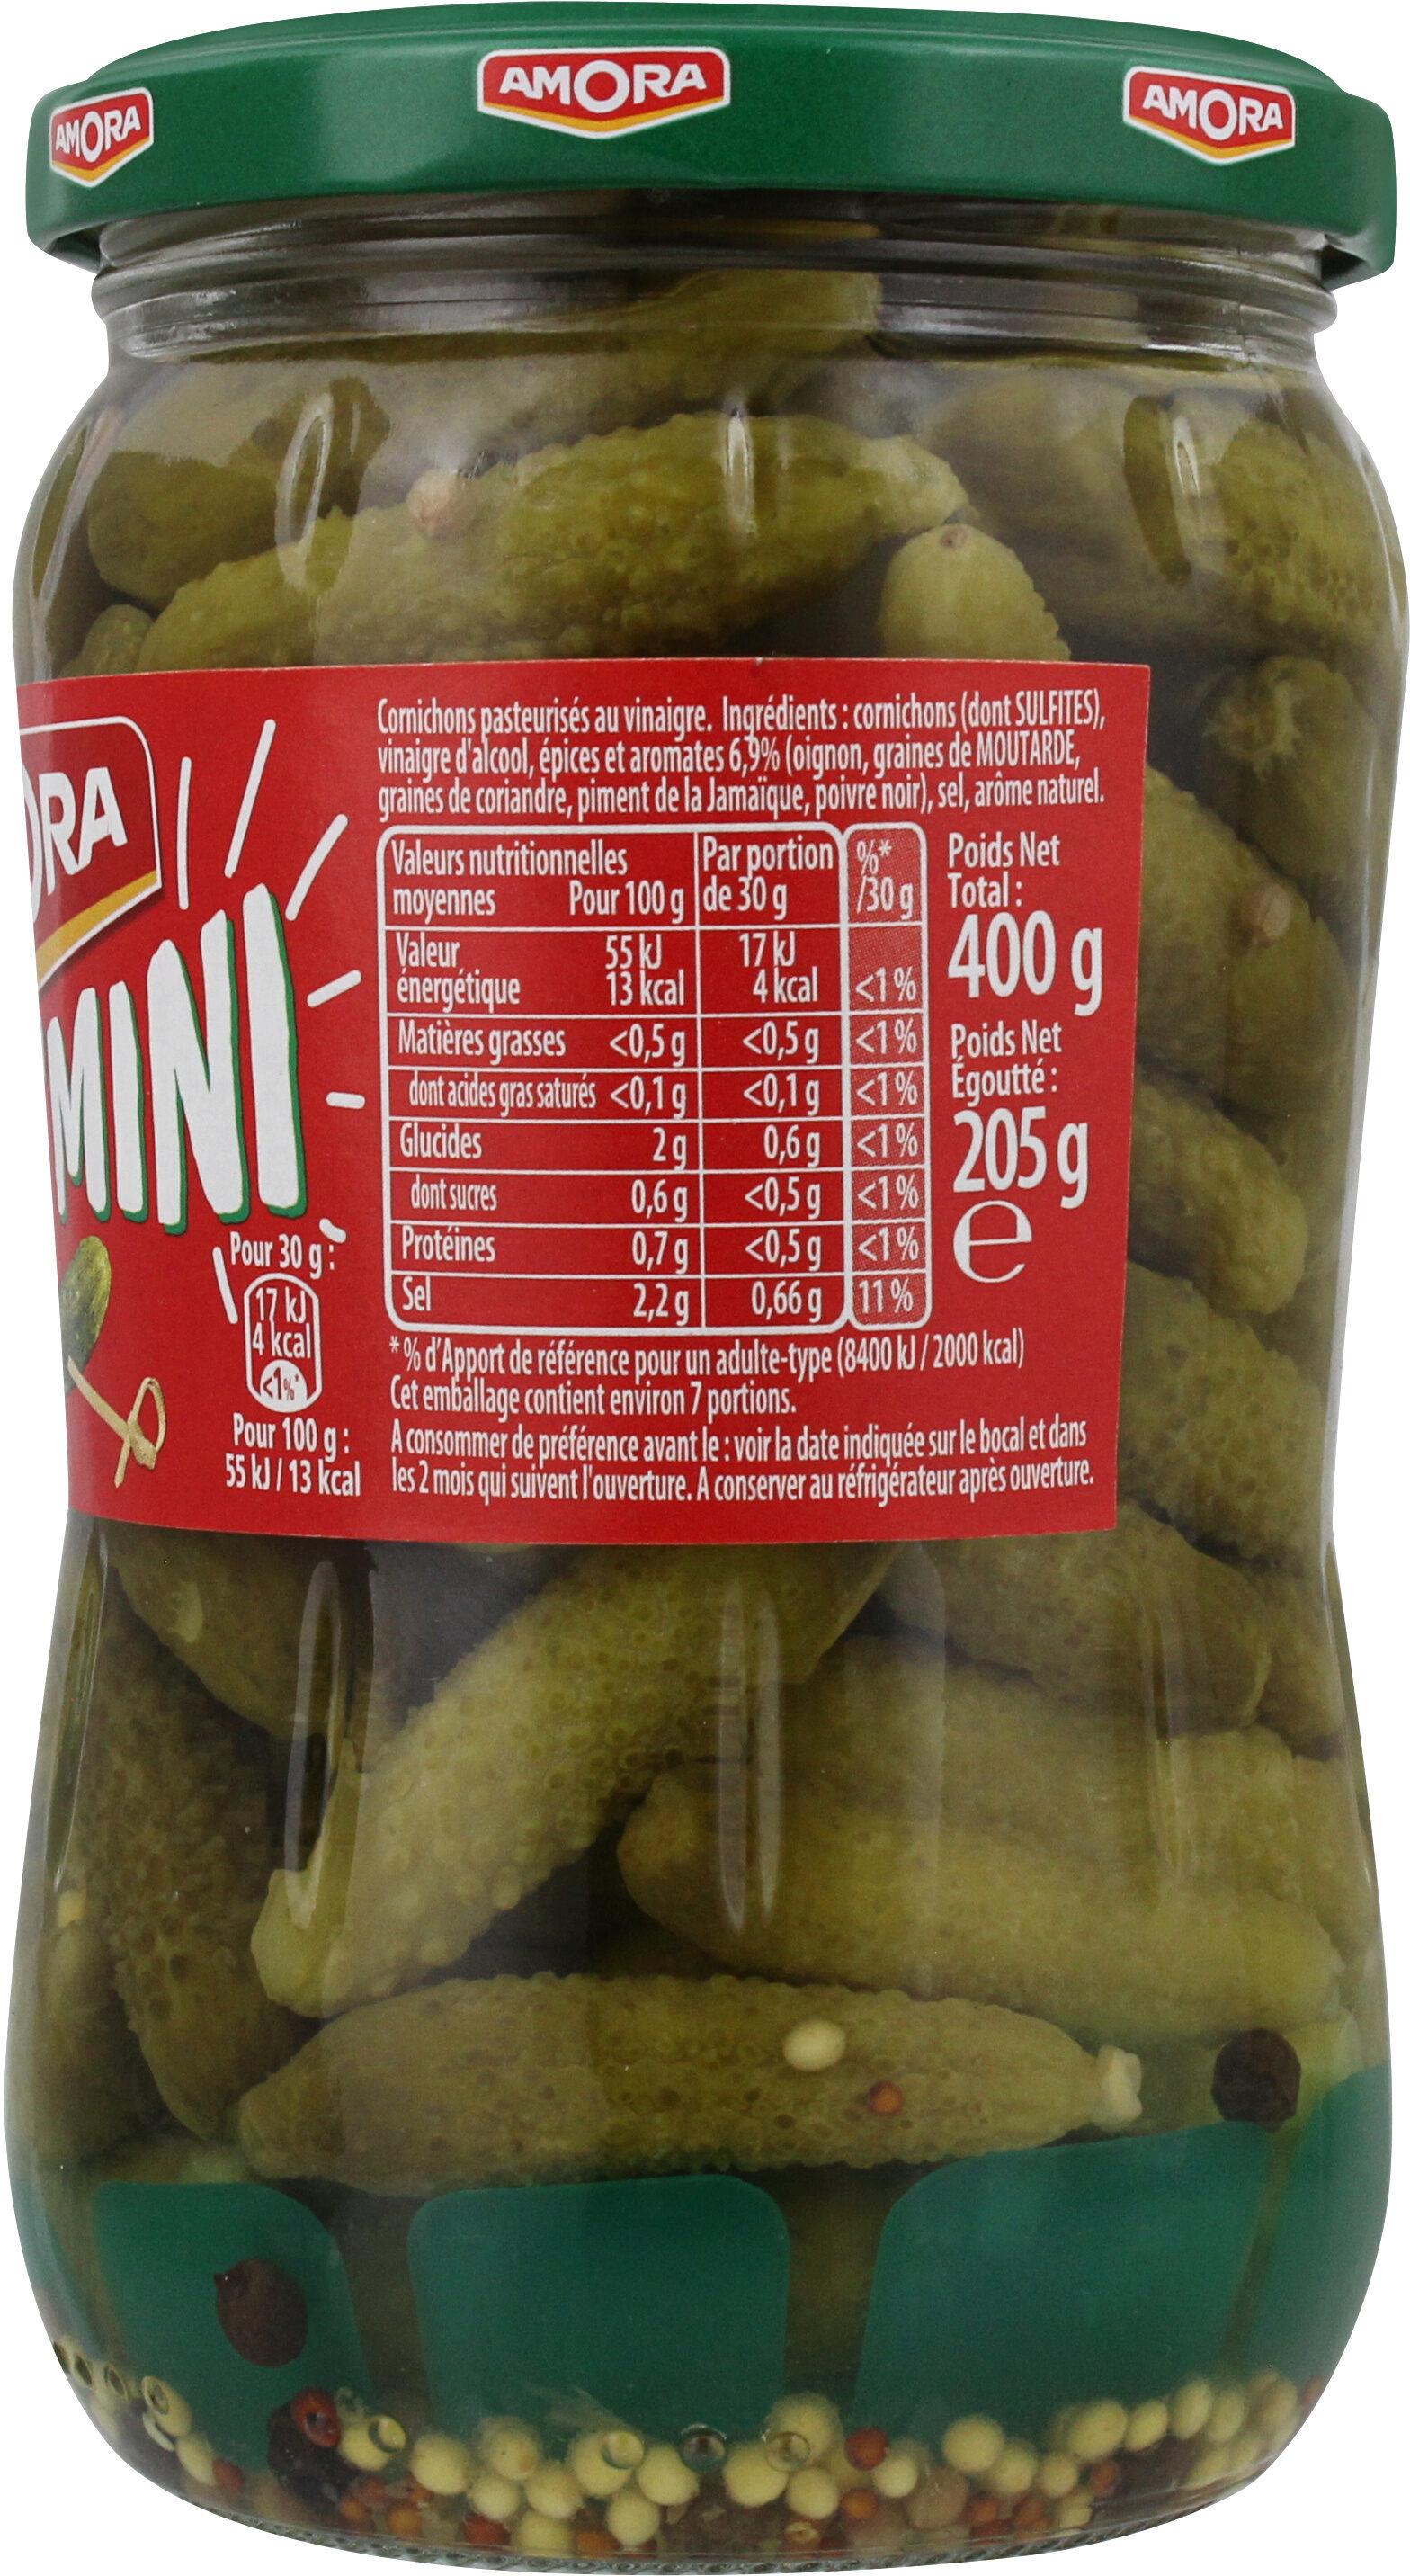 Amora Croq'Mini Cornichons aux 5 Epices et Aromates 205g - Informations nutritionnelles - fr